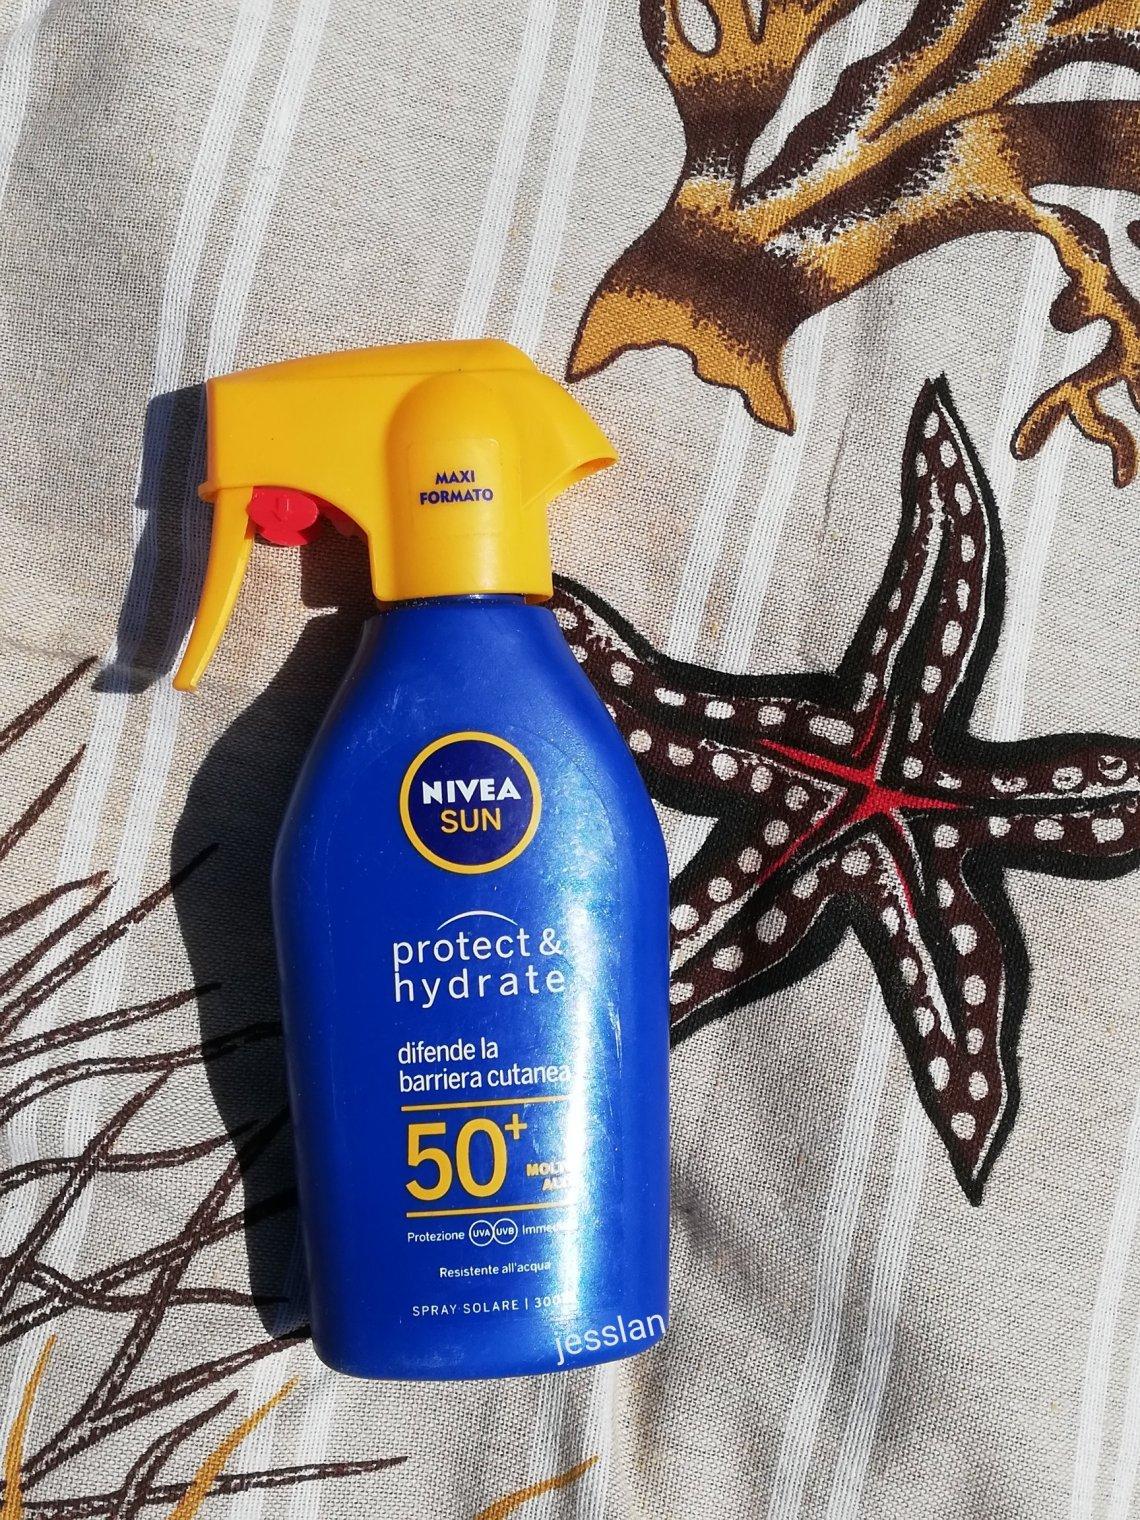 Nivea Sun spray spf50+